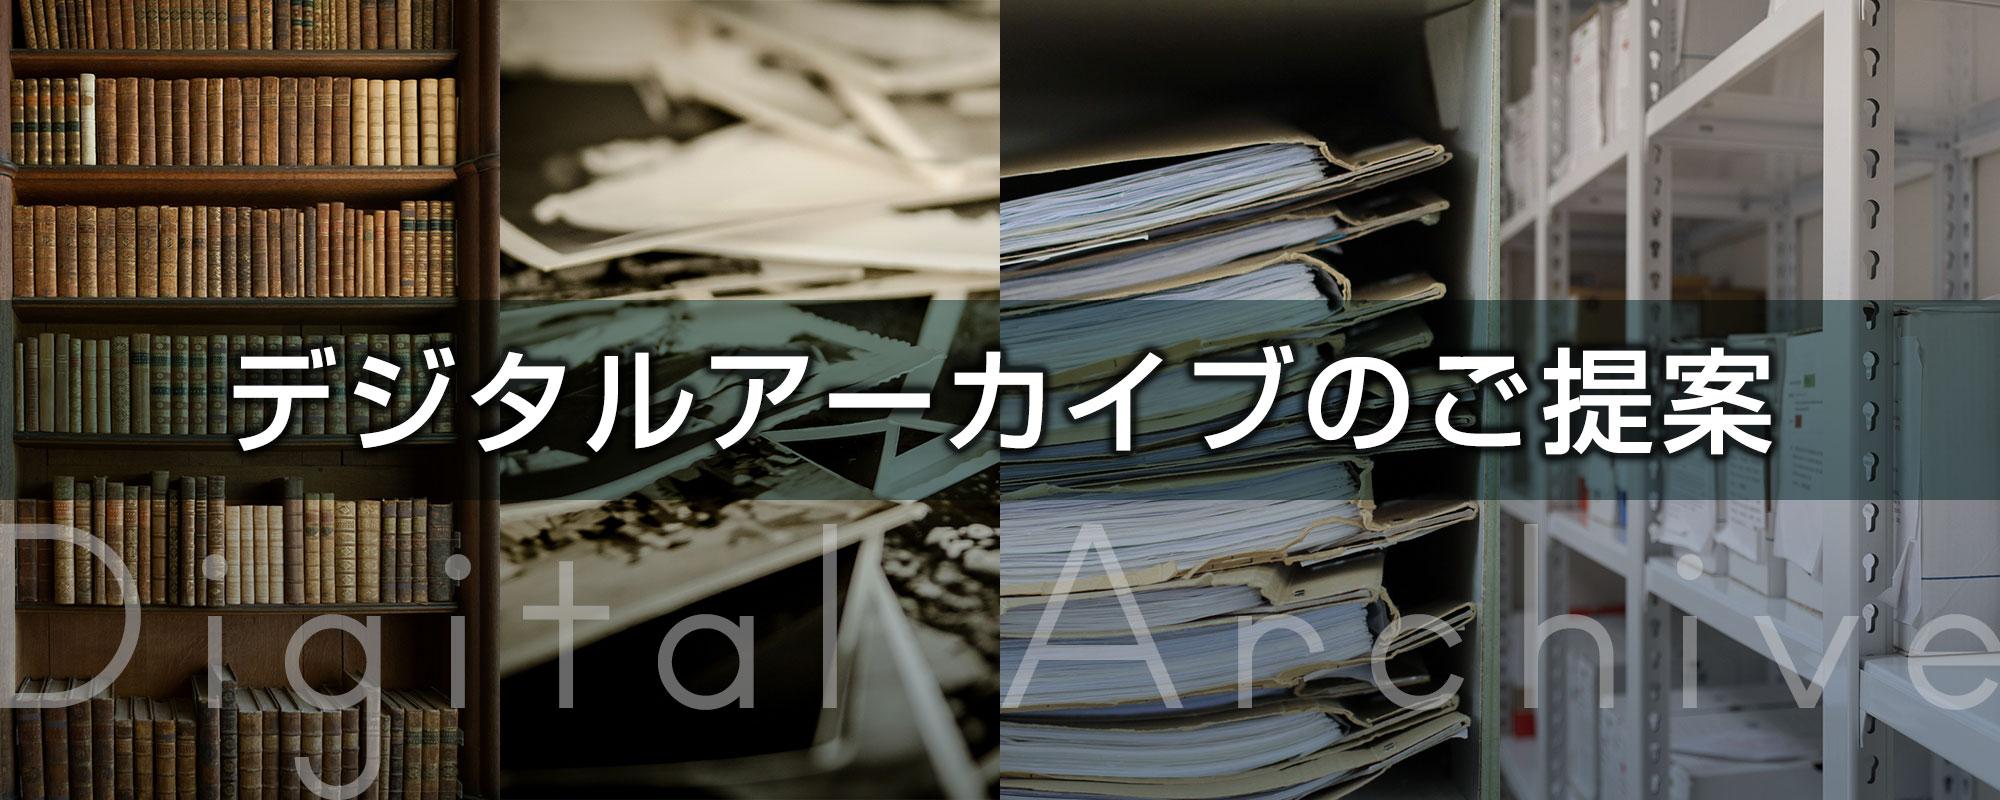 デジタルアーカイブのご提案